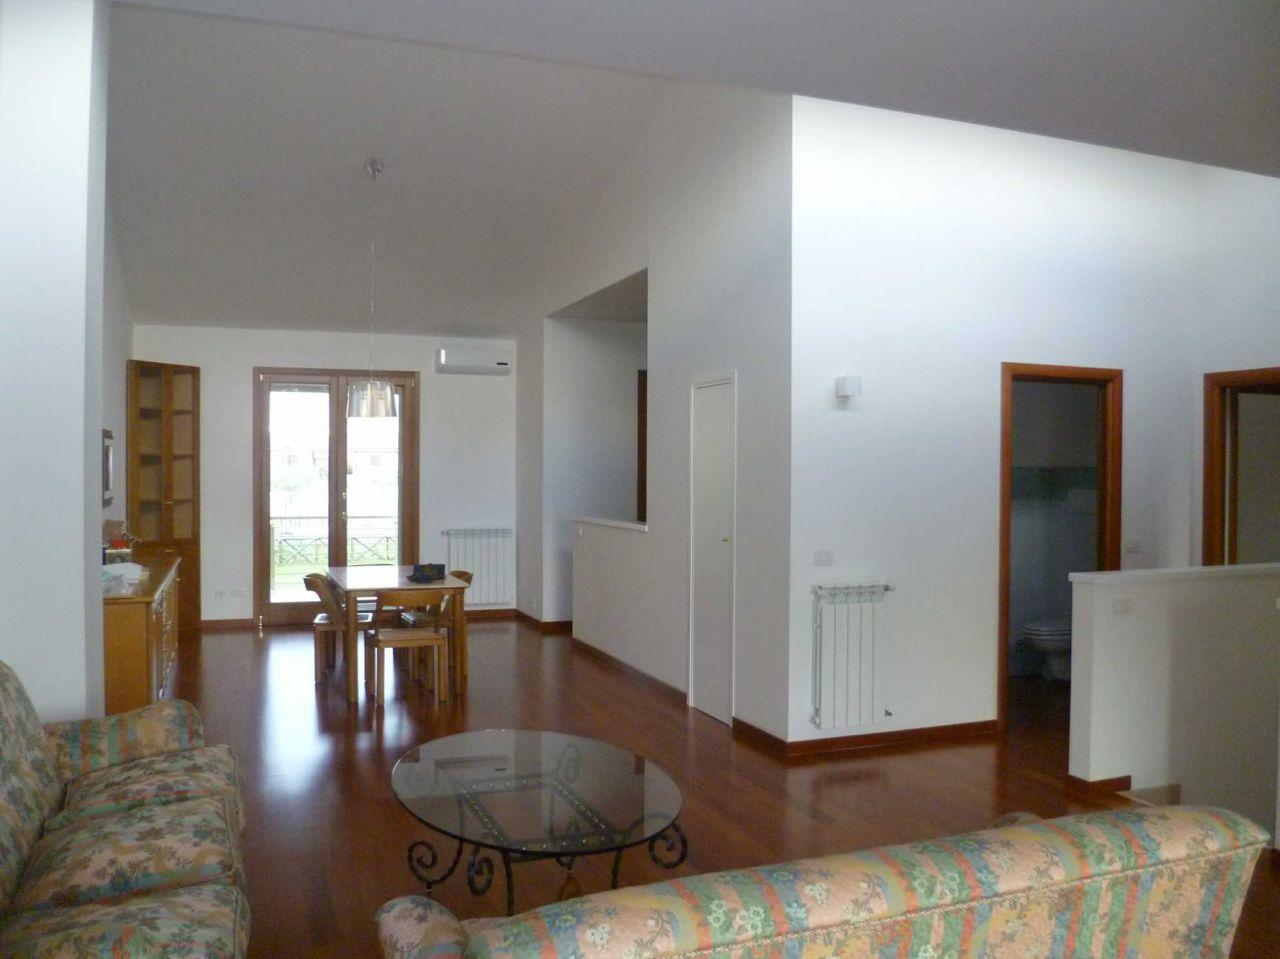 Affitti appartamenti roma 500 euro for Affitti temporanei appartamenti roma